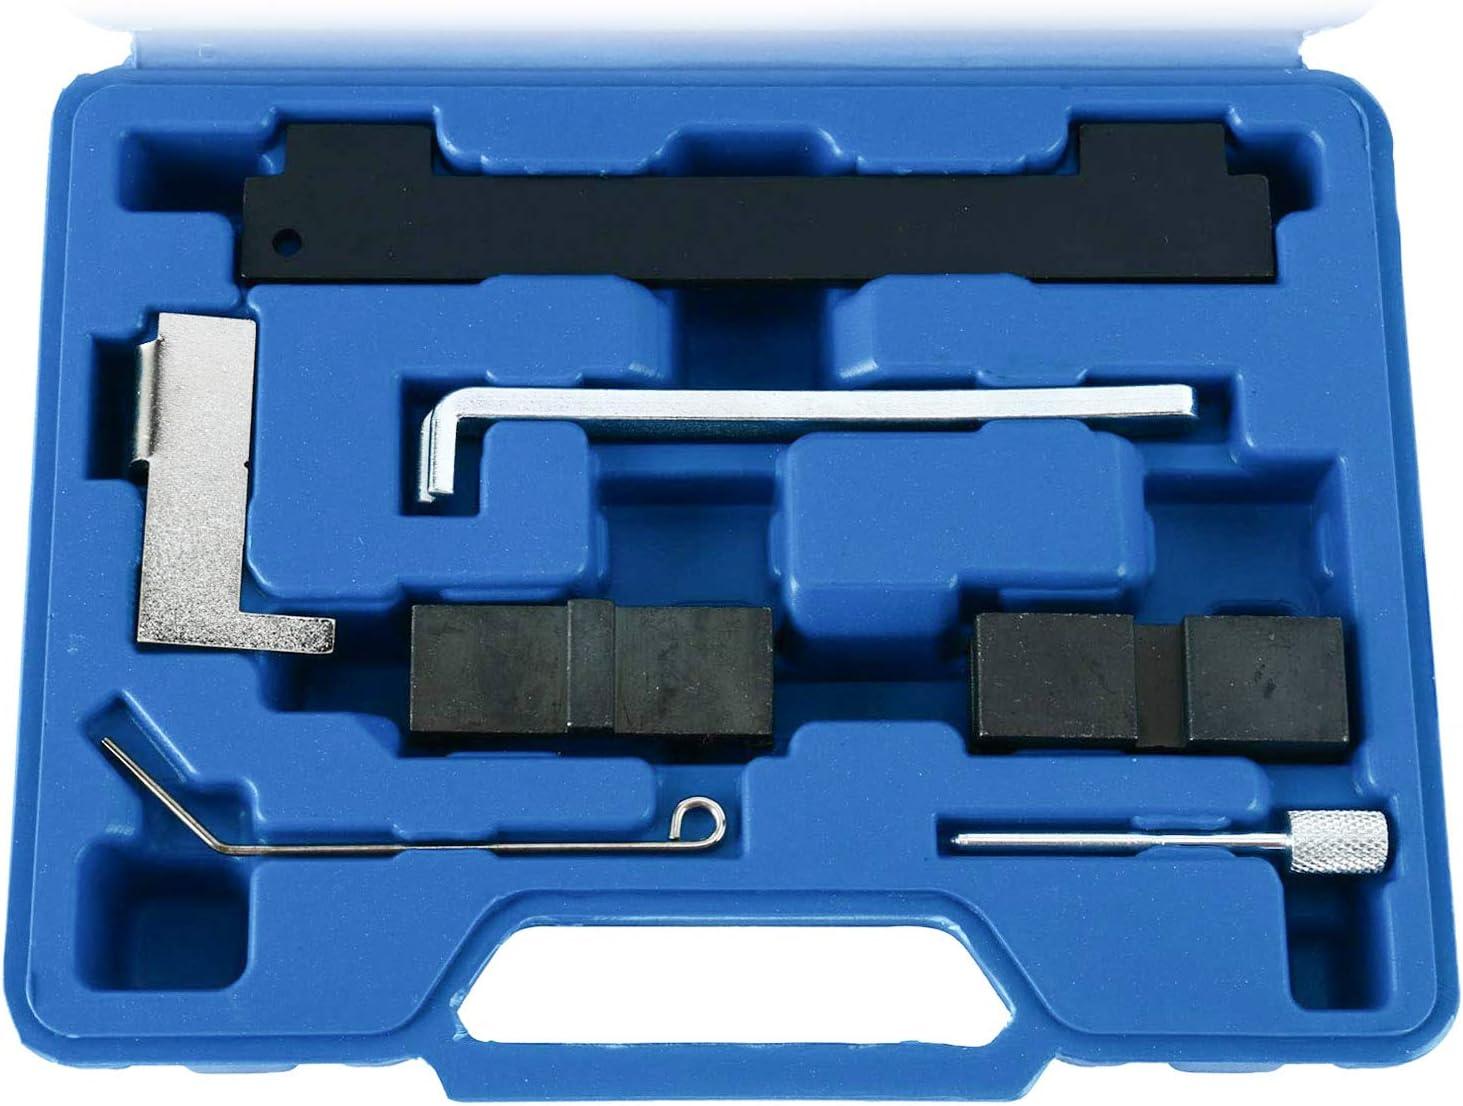 FreeTec Juego de herramientas de sincronización de alineación de bloqueo del árbol de levas Compatible con Chevrolet Alfa Romeo 16V 1.6 1.8: Amazon.es: Coche y moto